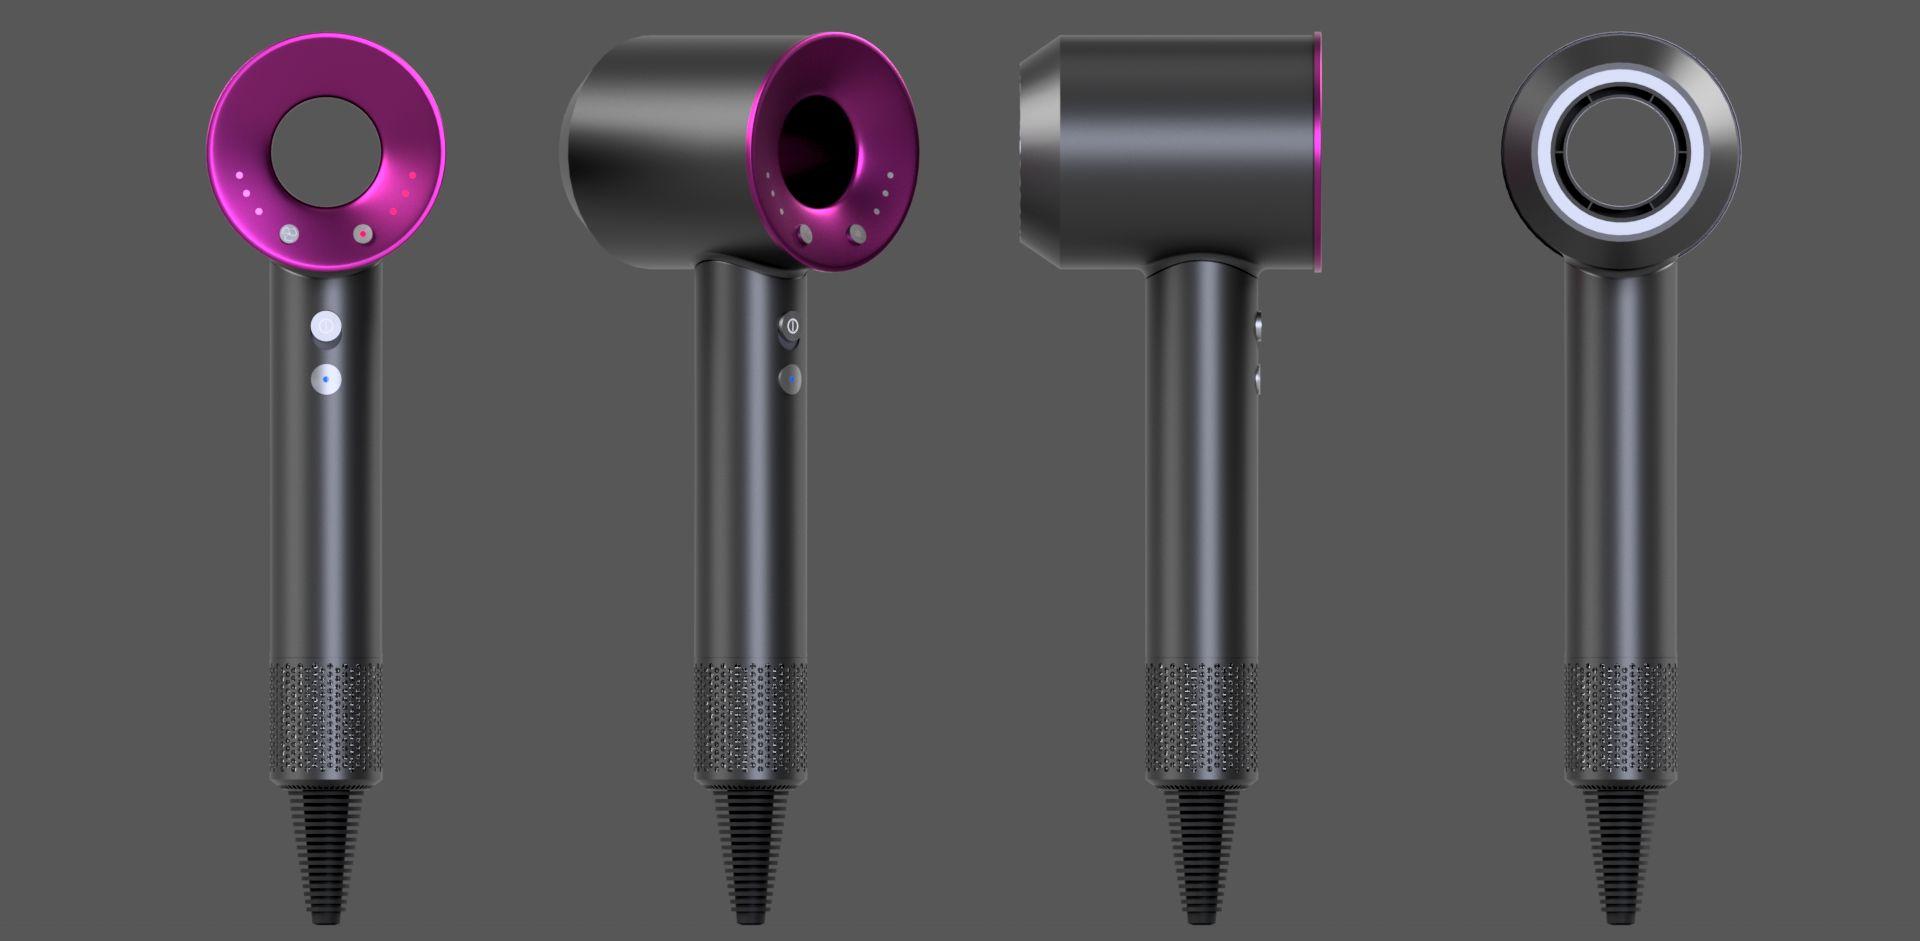 Dyson-v22-vmultiple-renders-v4-3500-3500